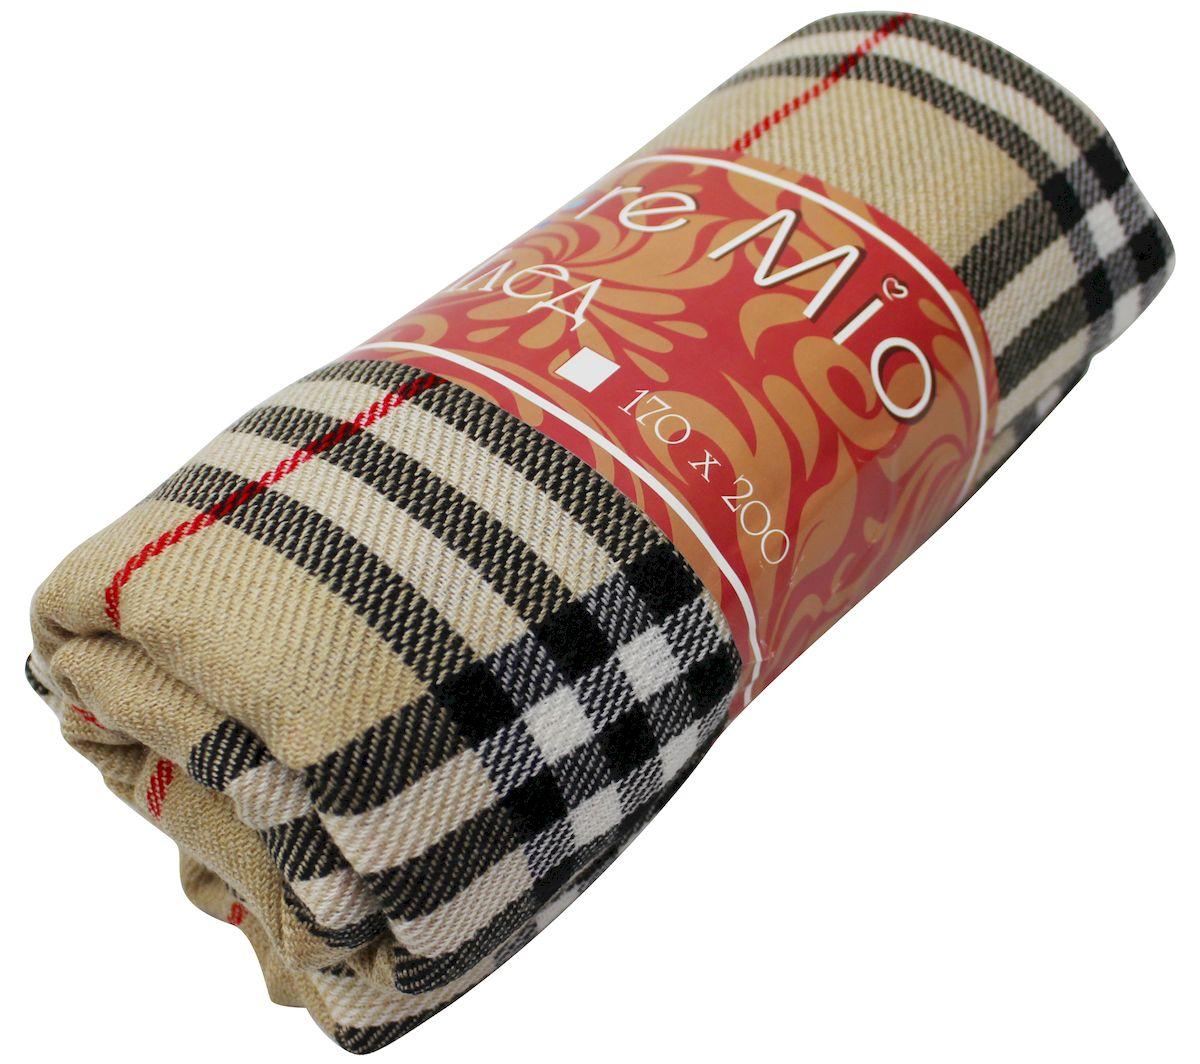 Плед Amore Mio Richard, 170х200 см74720Пледы Scotland Amore Mio – Комфорт и Уют - Каждый день! Amore Mio-Разнообразие ярких и современных дизайнов прослужат не один год и всегда будут радовать Вас и Ваших близких сочностью красок и красивым рисунком. Пледы Amore Mio подарят Вам нежность жаркими летними ночами, теплоту и комфорт прохладными зимними вечерами. Пледы Scotland Amore Mio - легкое, универсальное тканое изделие, с кистями. Пряжей для выработки послужил 100% Акрил. Не зря в народе за акрилом закрепилось имя искусственной шерсти. Потому что акриловое волокно великолепно удерживает тепло, оно практично и долговечно. Еще одно преимущество - в цене, так как по факту акрил значительно дешевле натуральной шерсти.